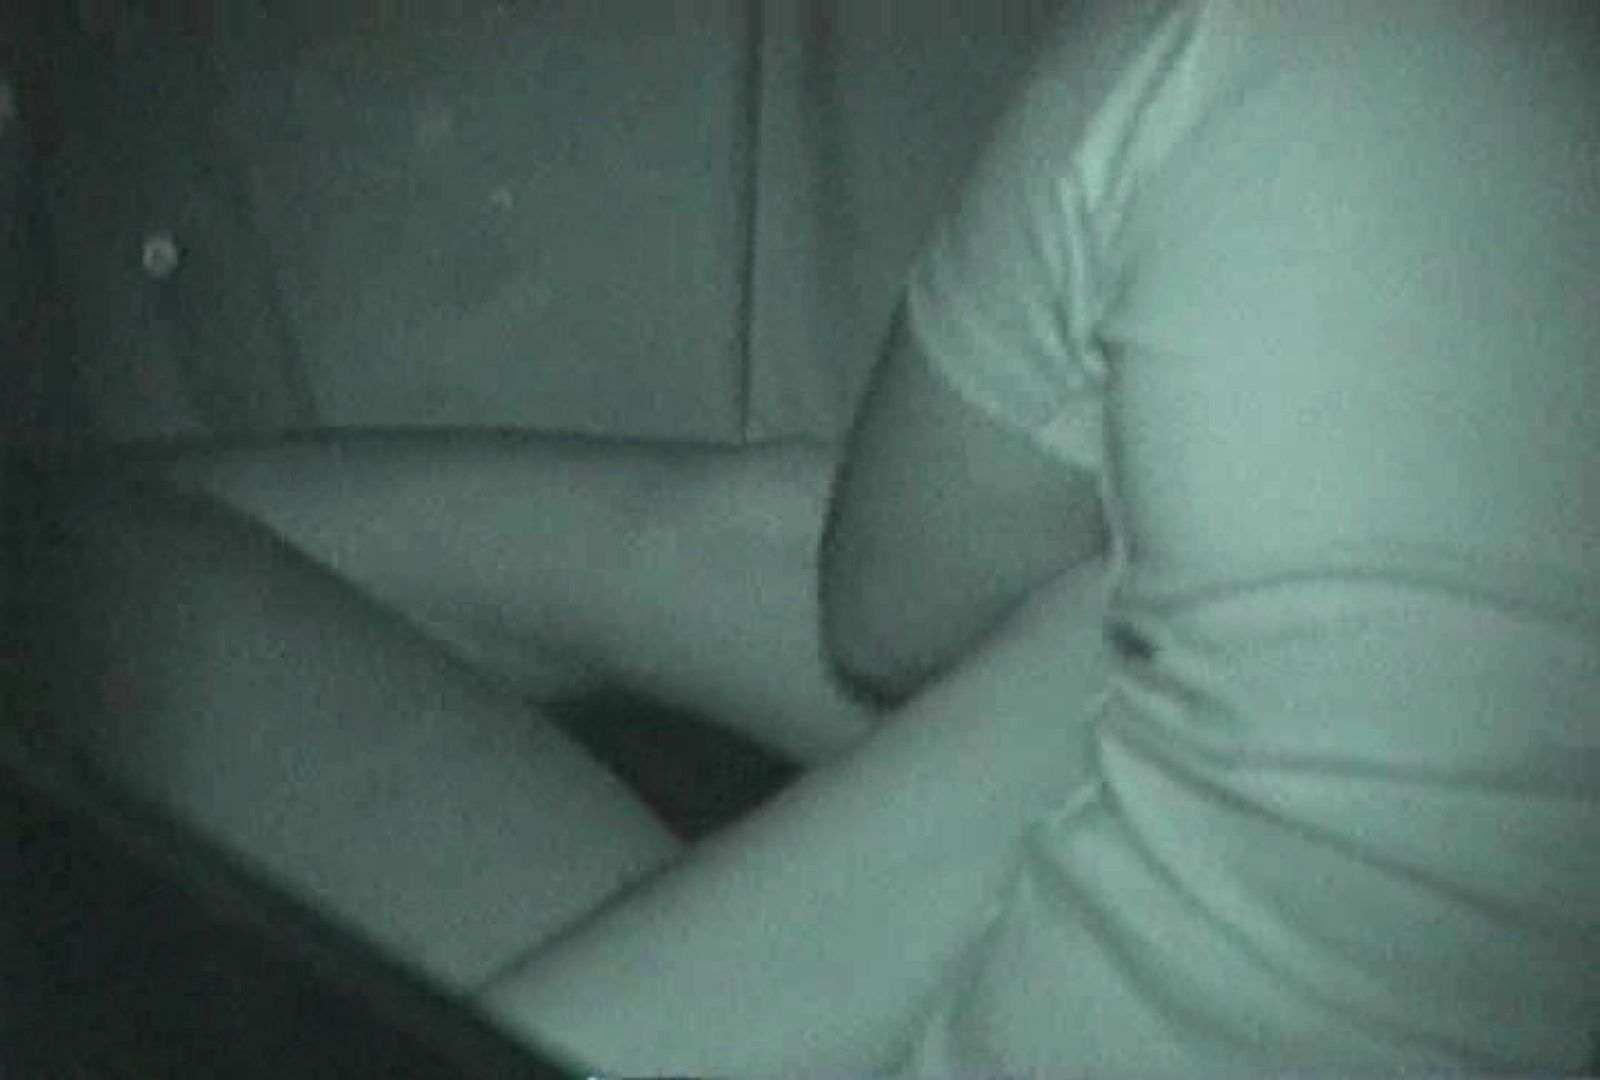 充血監督の深夜の運動会Vol.68 OLセックス  59画像 24